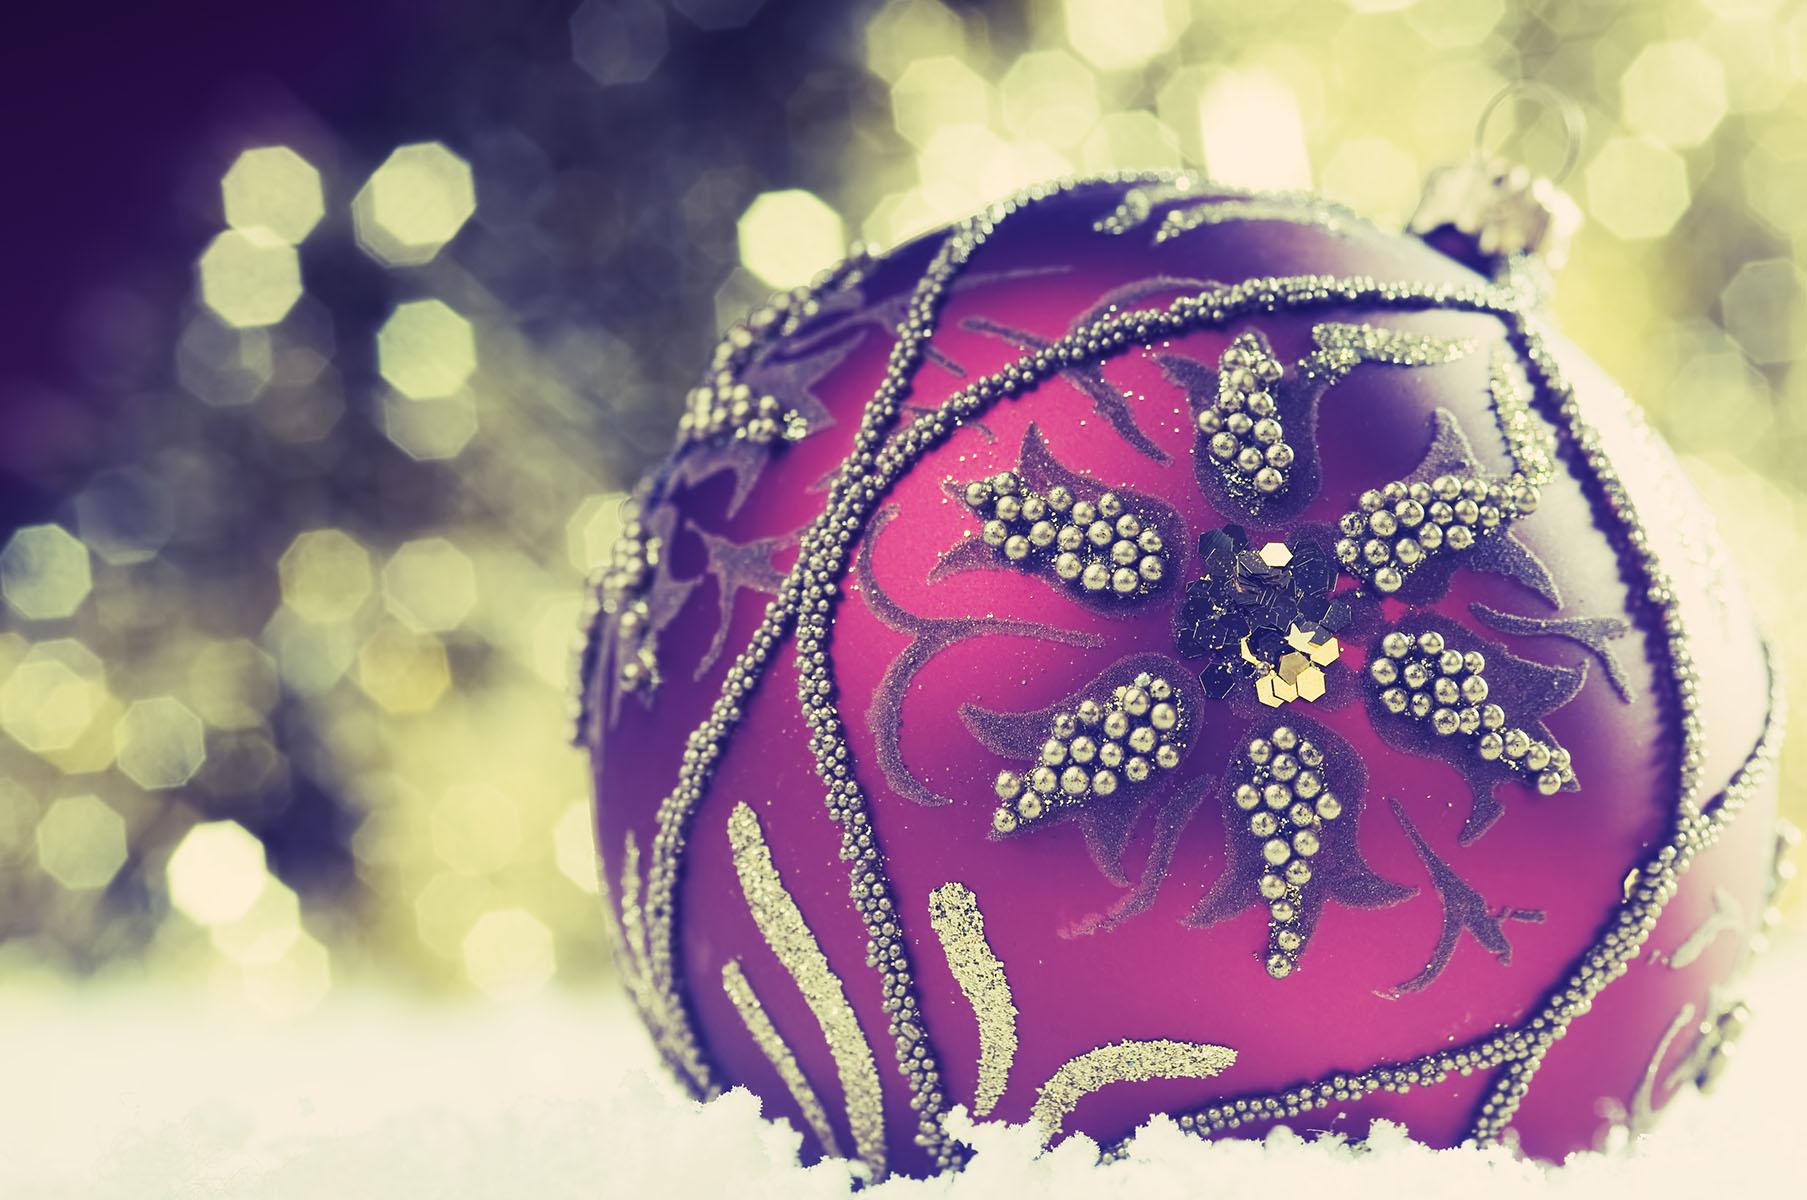 Christmas bauble on defocused lights